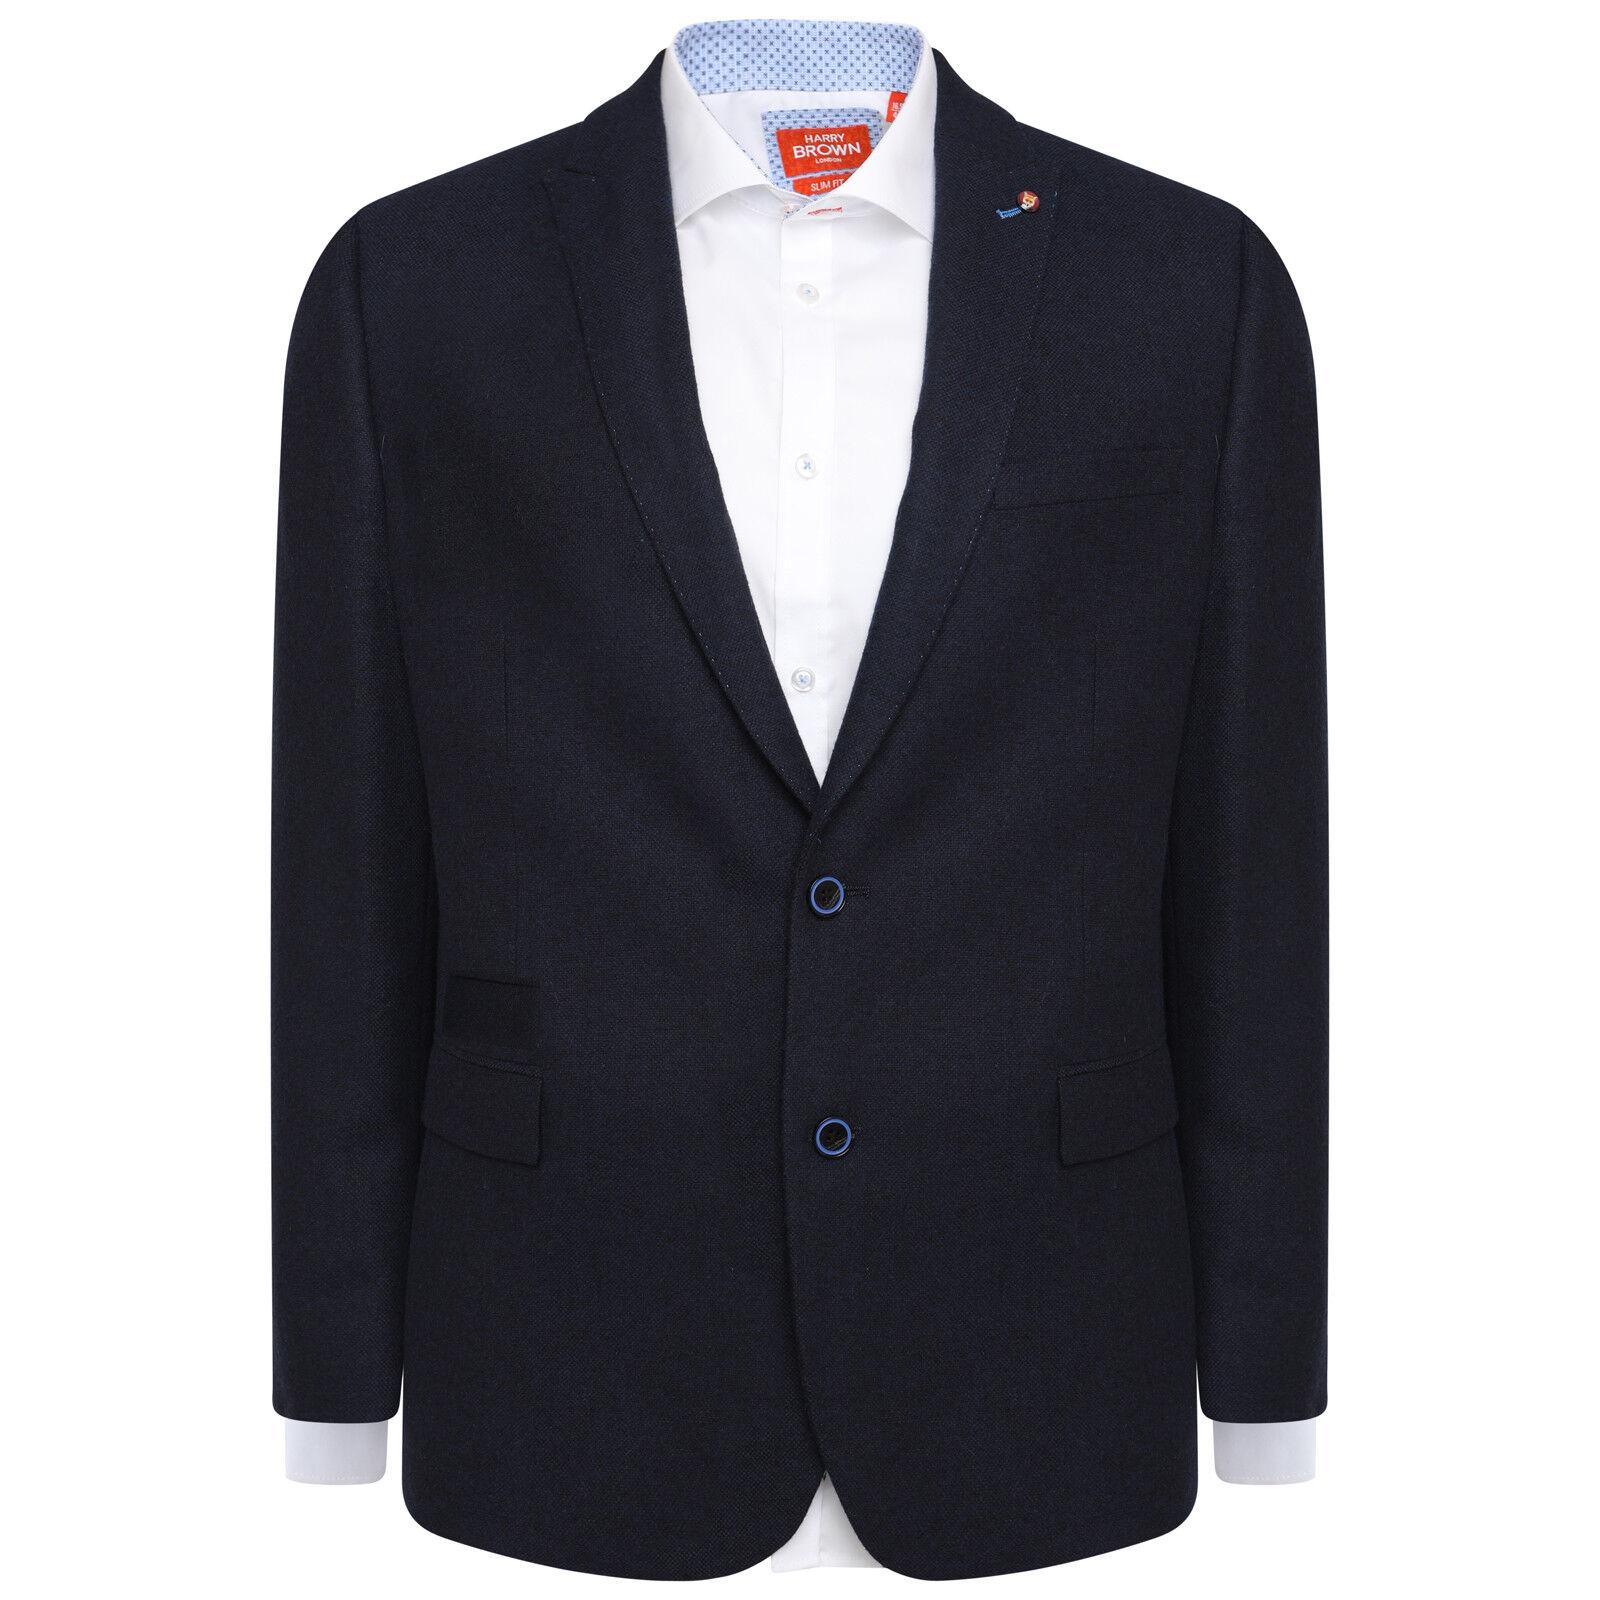 Harry Braun Wool Blend TailoROT Fit Blazer in Navy